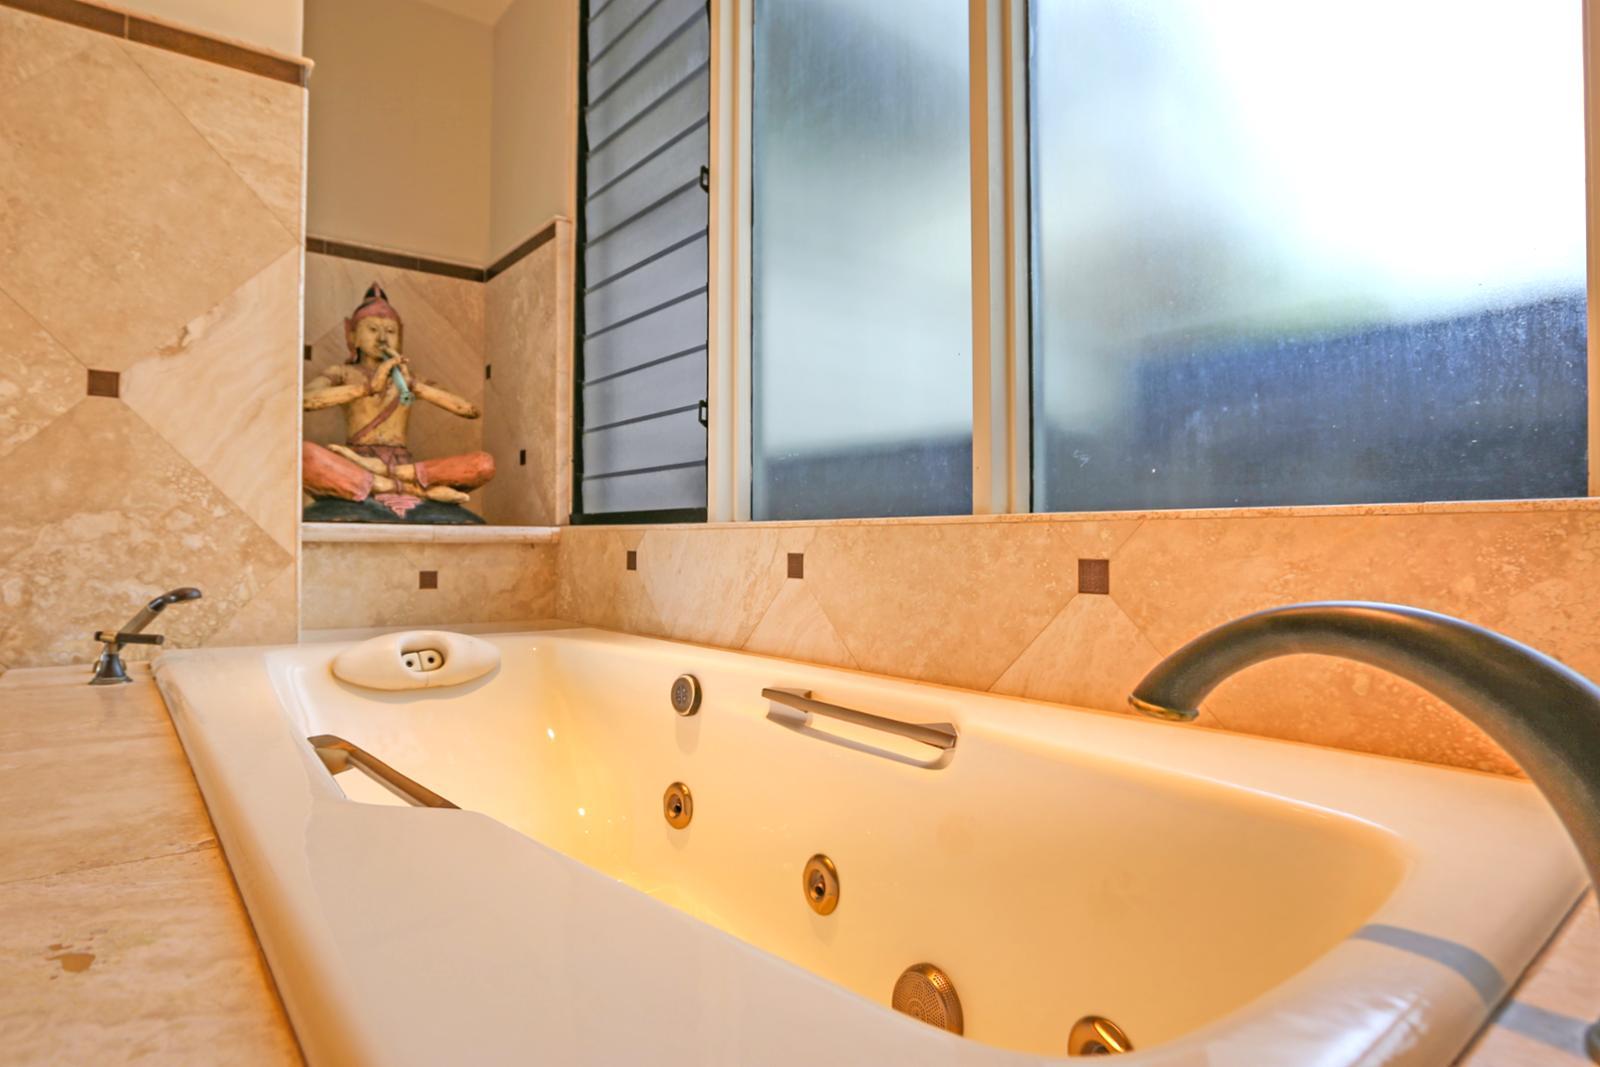 KBM HAWAII - Kapalua Bay Villas #KBV-36G2 - Luxury Vacation Rental ...